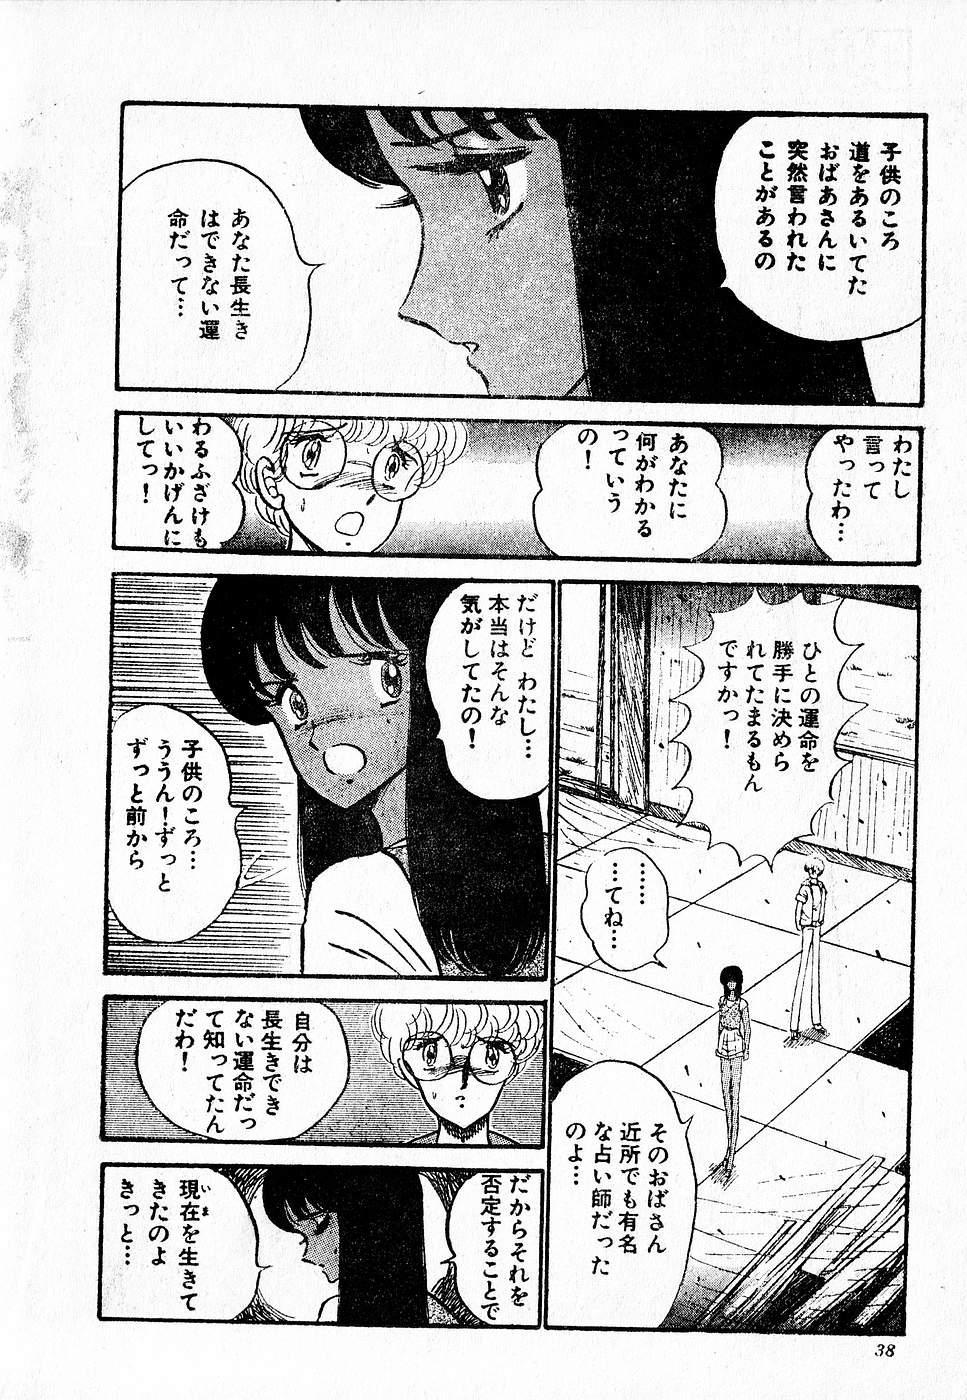 COMIC Lolipop 1985-10 Soukanjunbigou Aki 37